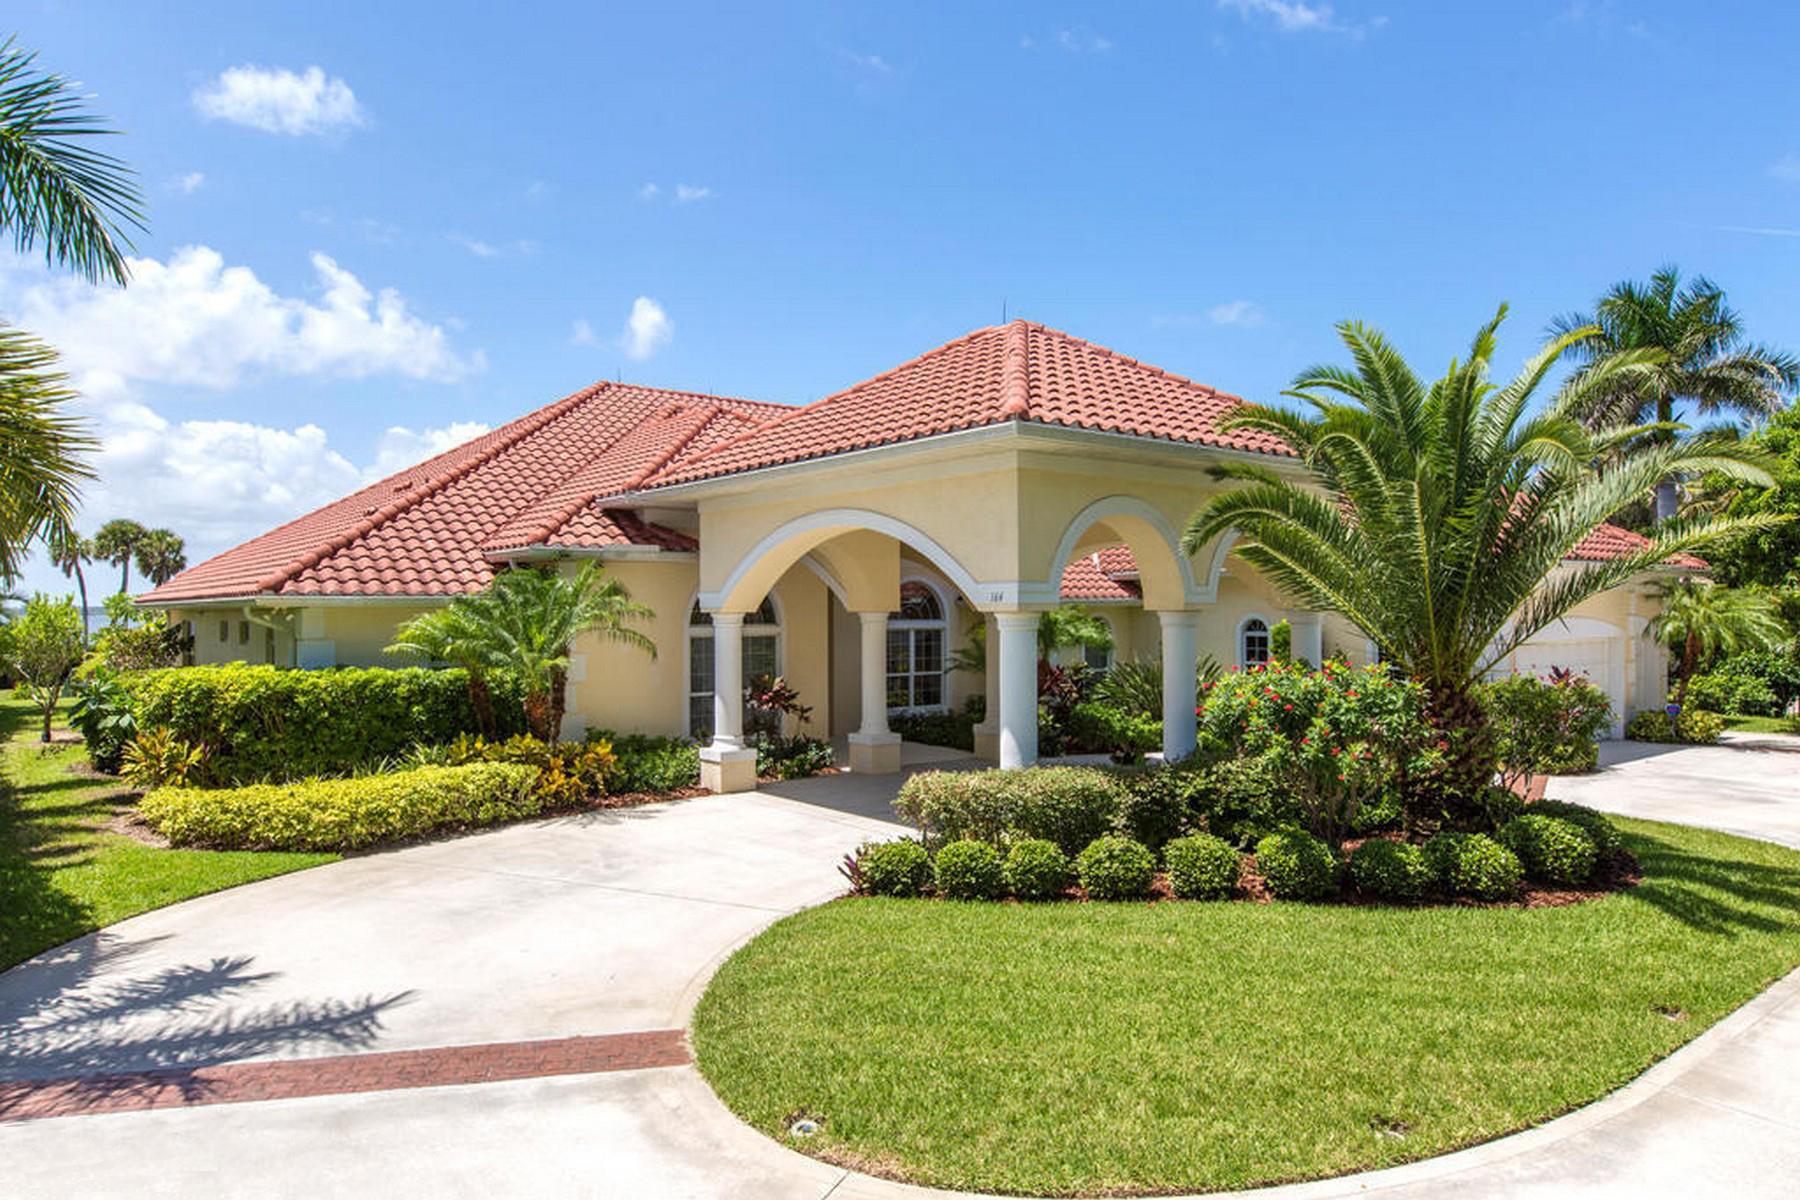 Villa per Vendita alle ore 164 Bayshore Drive Melbourne Beach, Florida, 32951 Stati Uniti